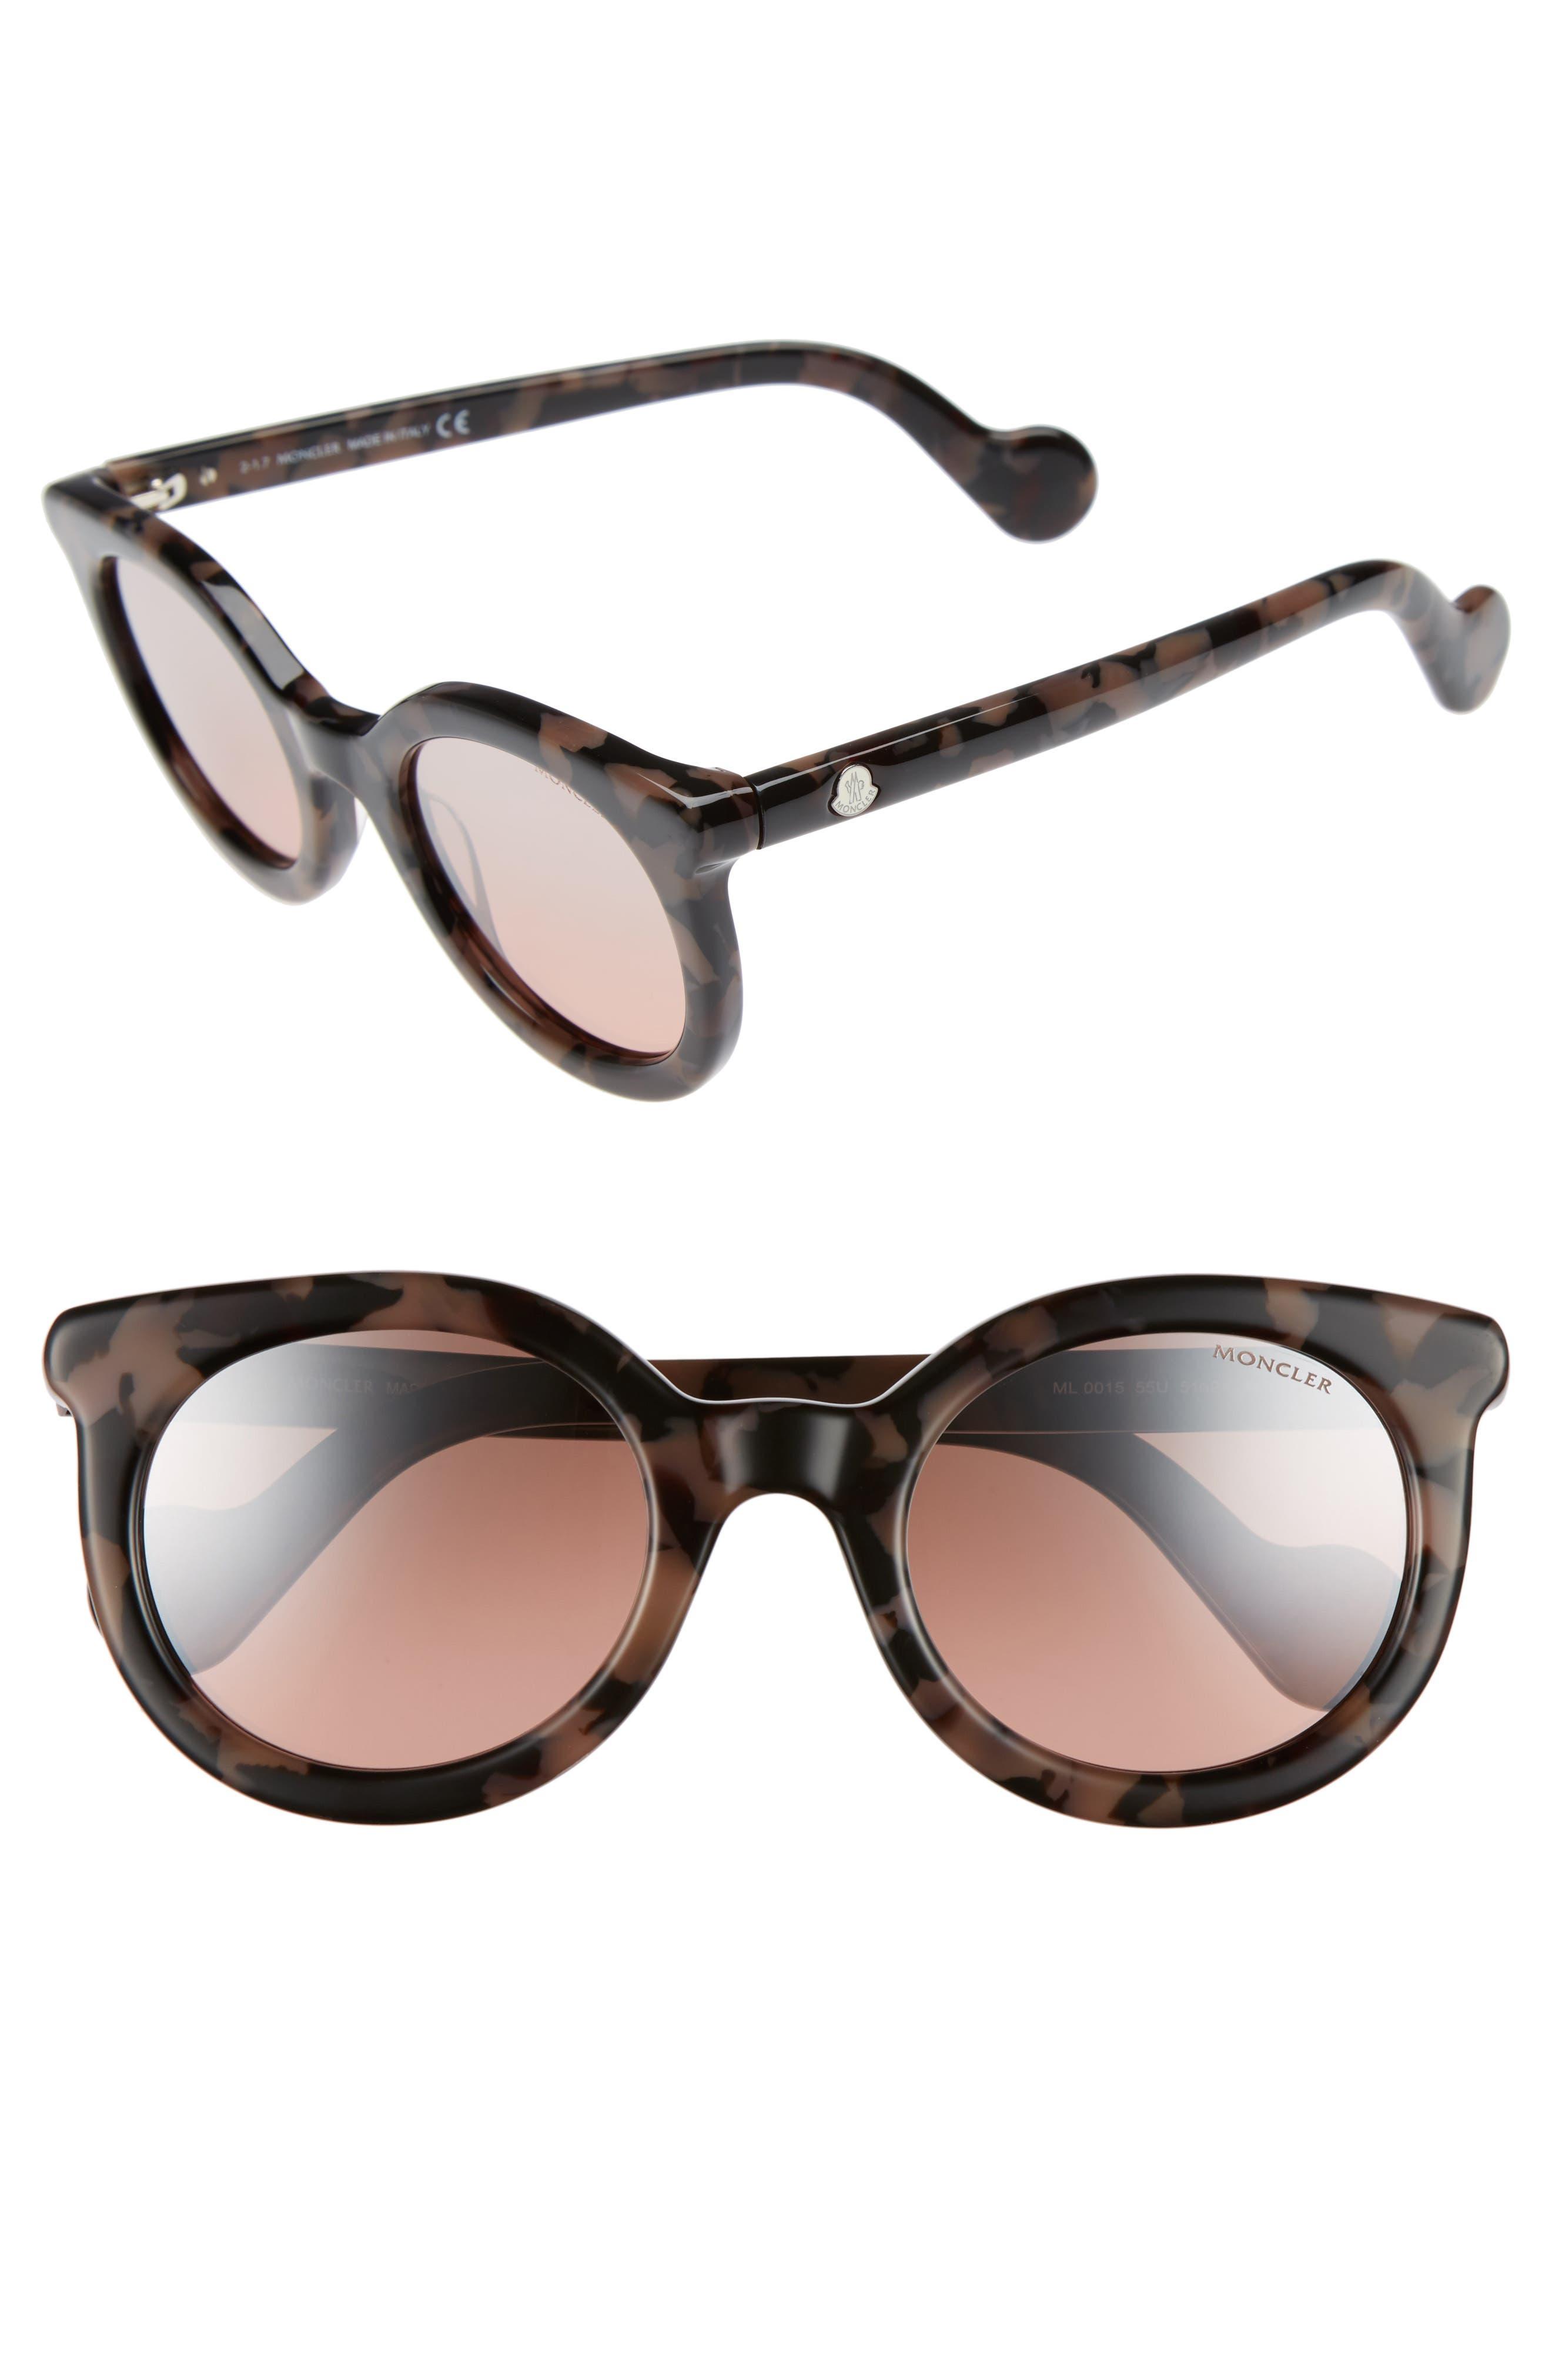 51mm Sunglasses,                         Main,                         color, Havana / Bordeaux Mirror